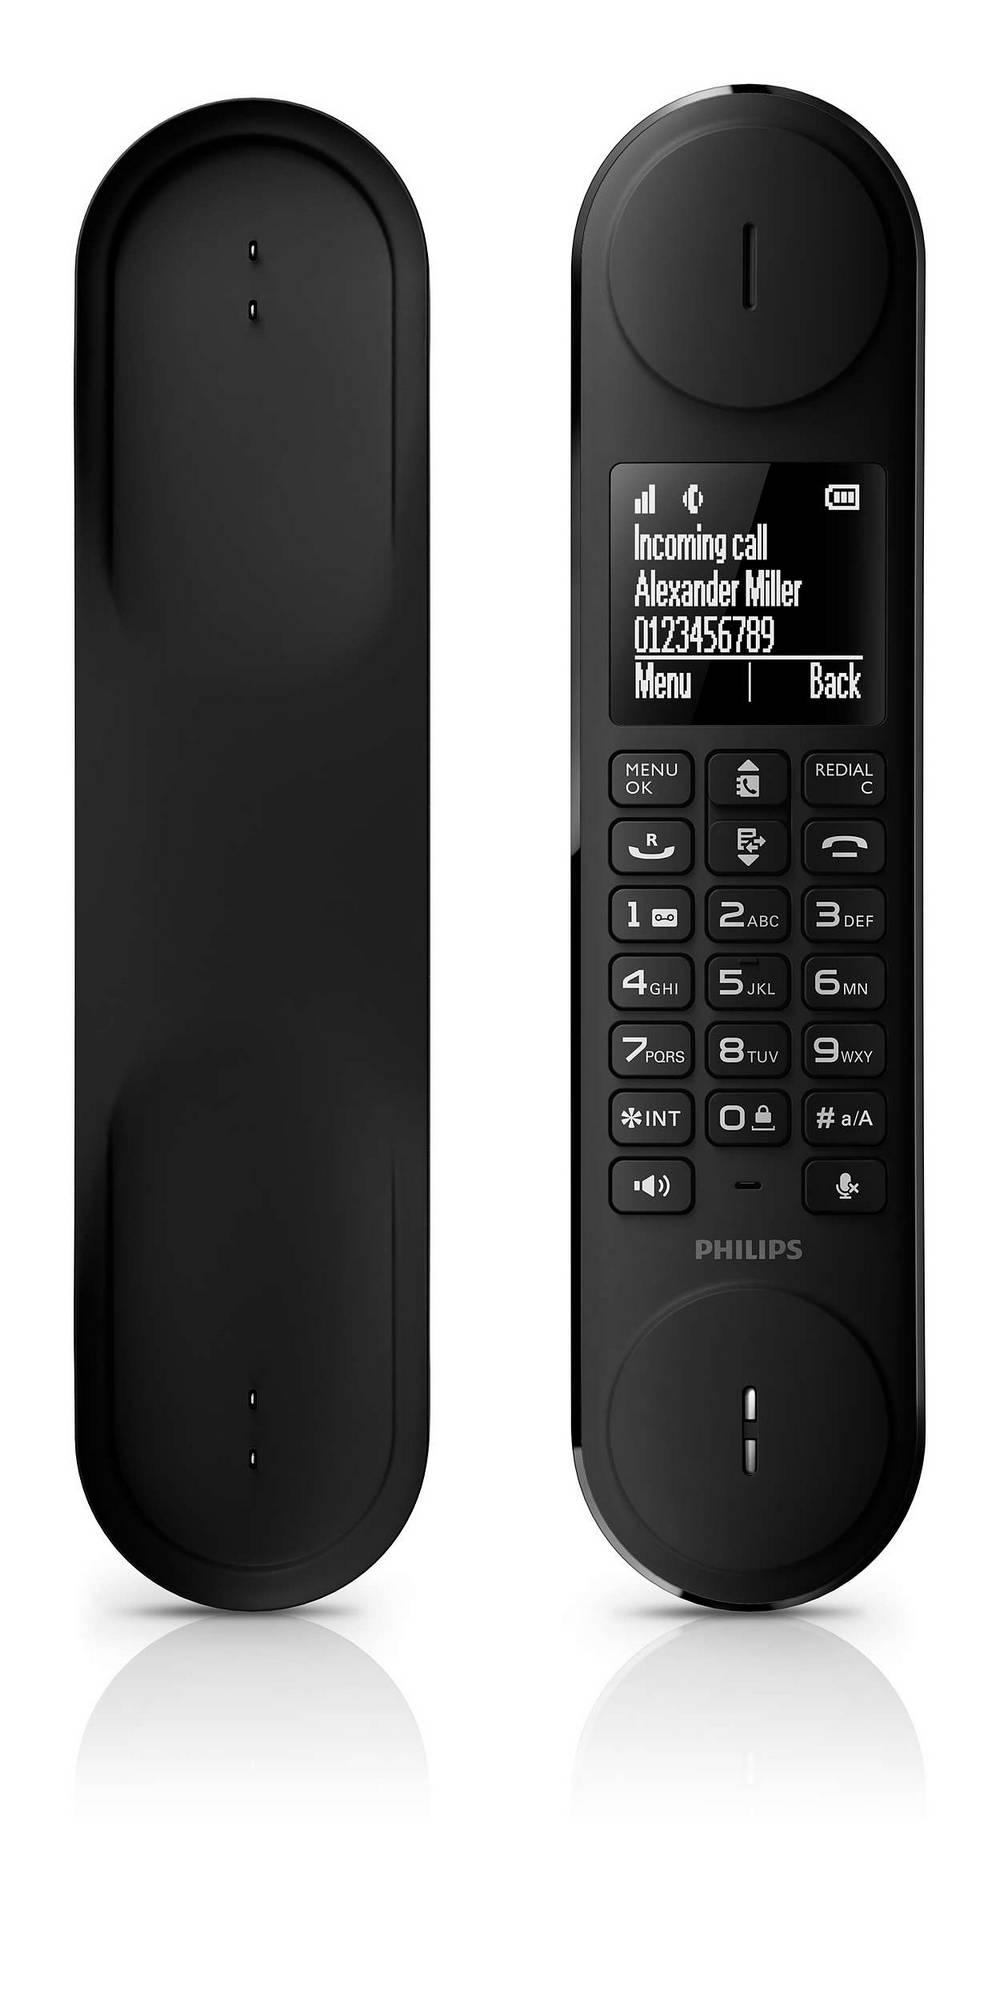 Ασύρματο Ψηφιακό Τηλέφωνο Philips Luceo M6601WB Λευκό - Μαύρο